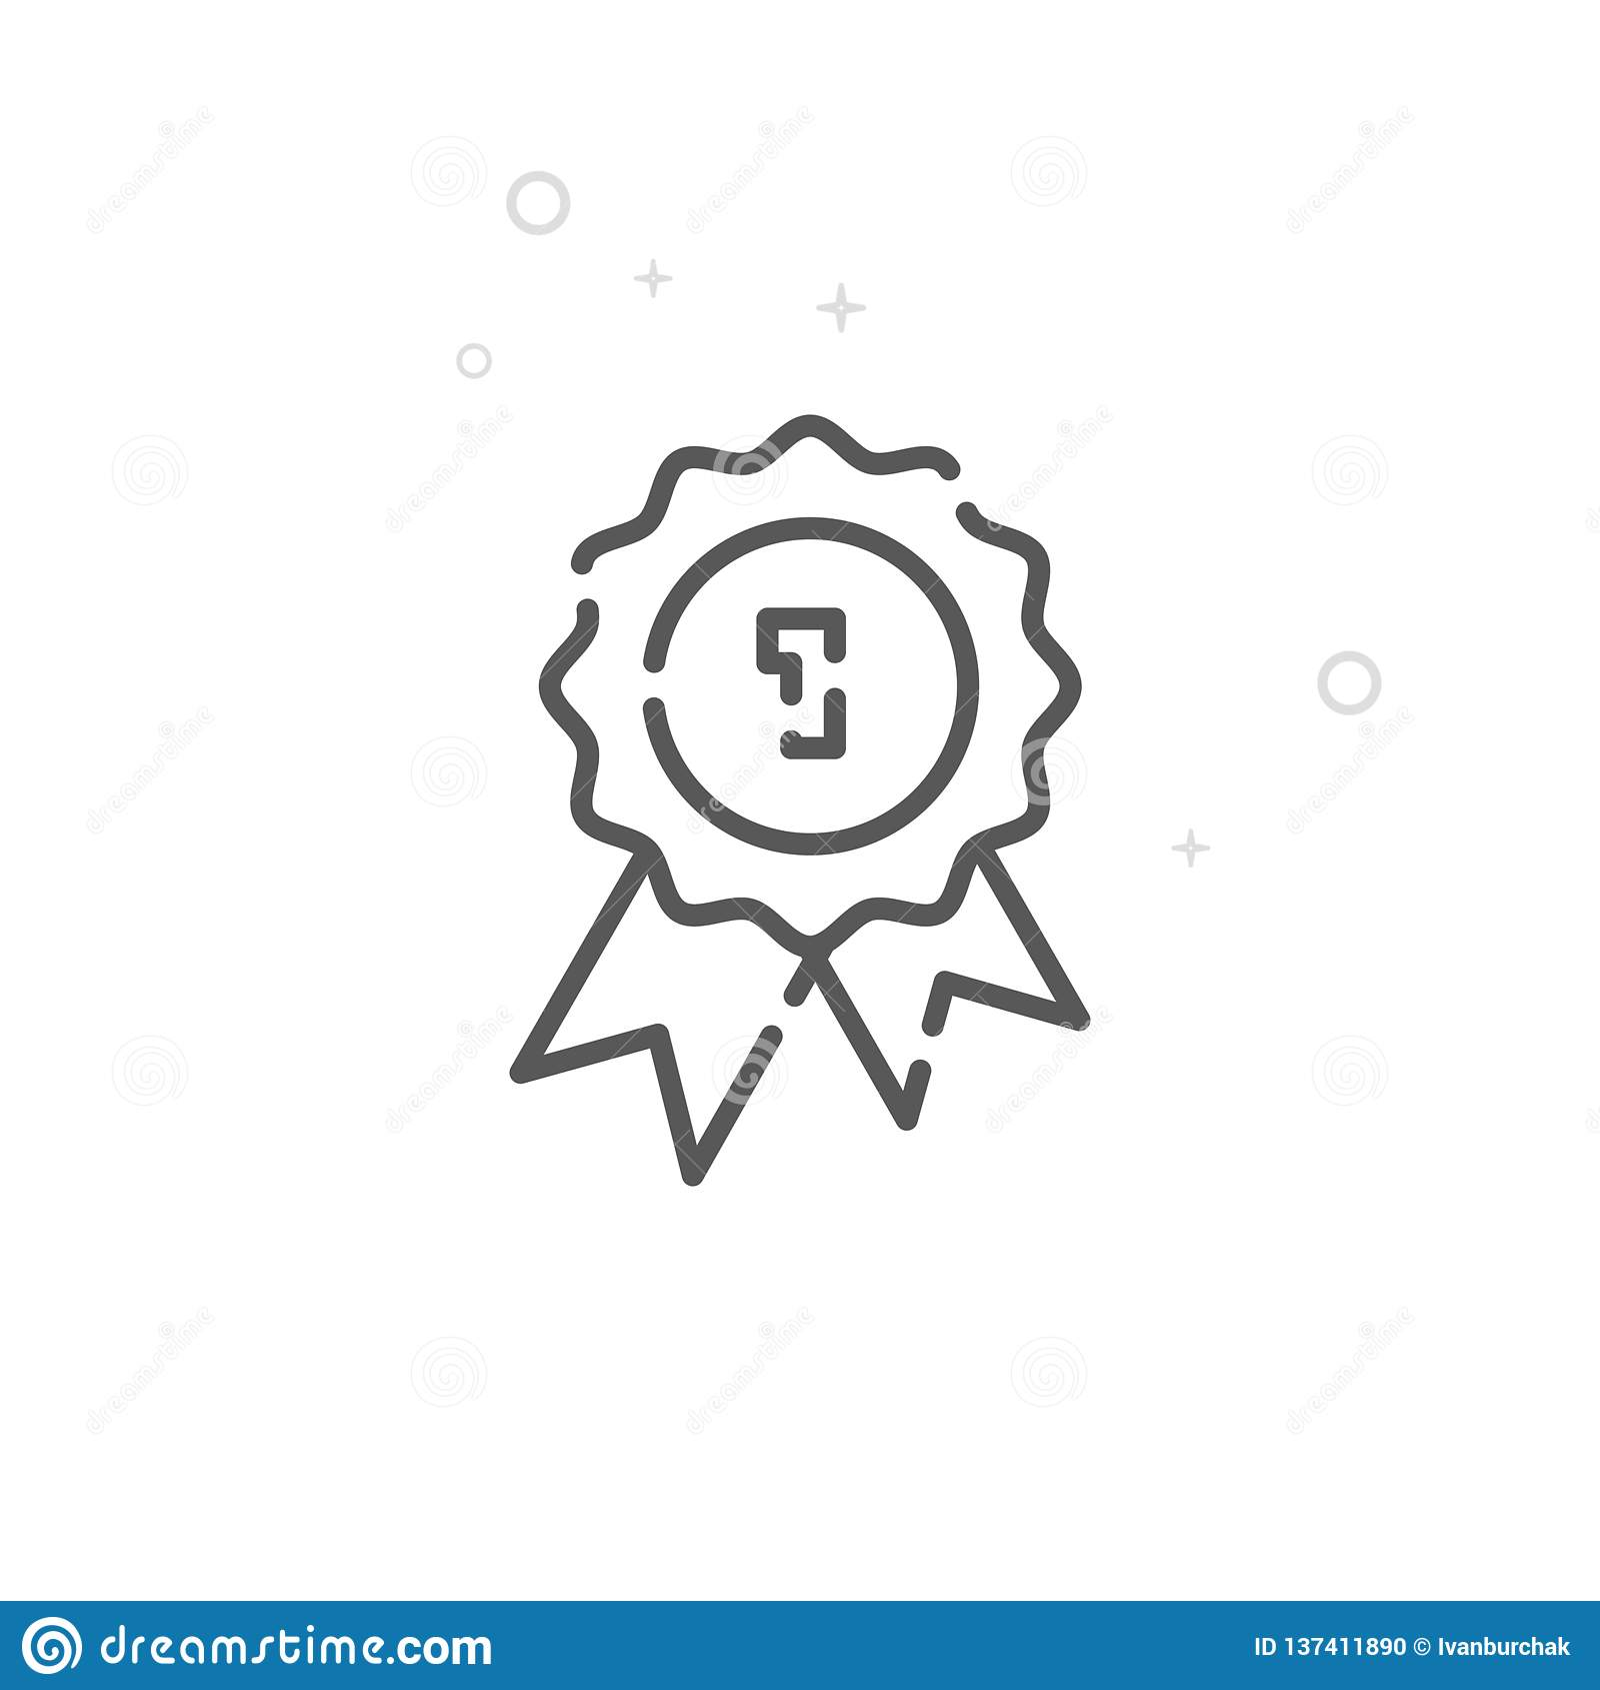 Línea icono, símbolo, pictograma, muestra del vector del sello de calidad Fondo geométrico abstracto ligero Movimiento Editable